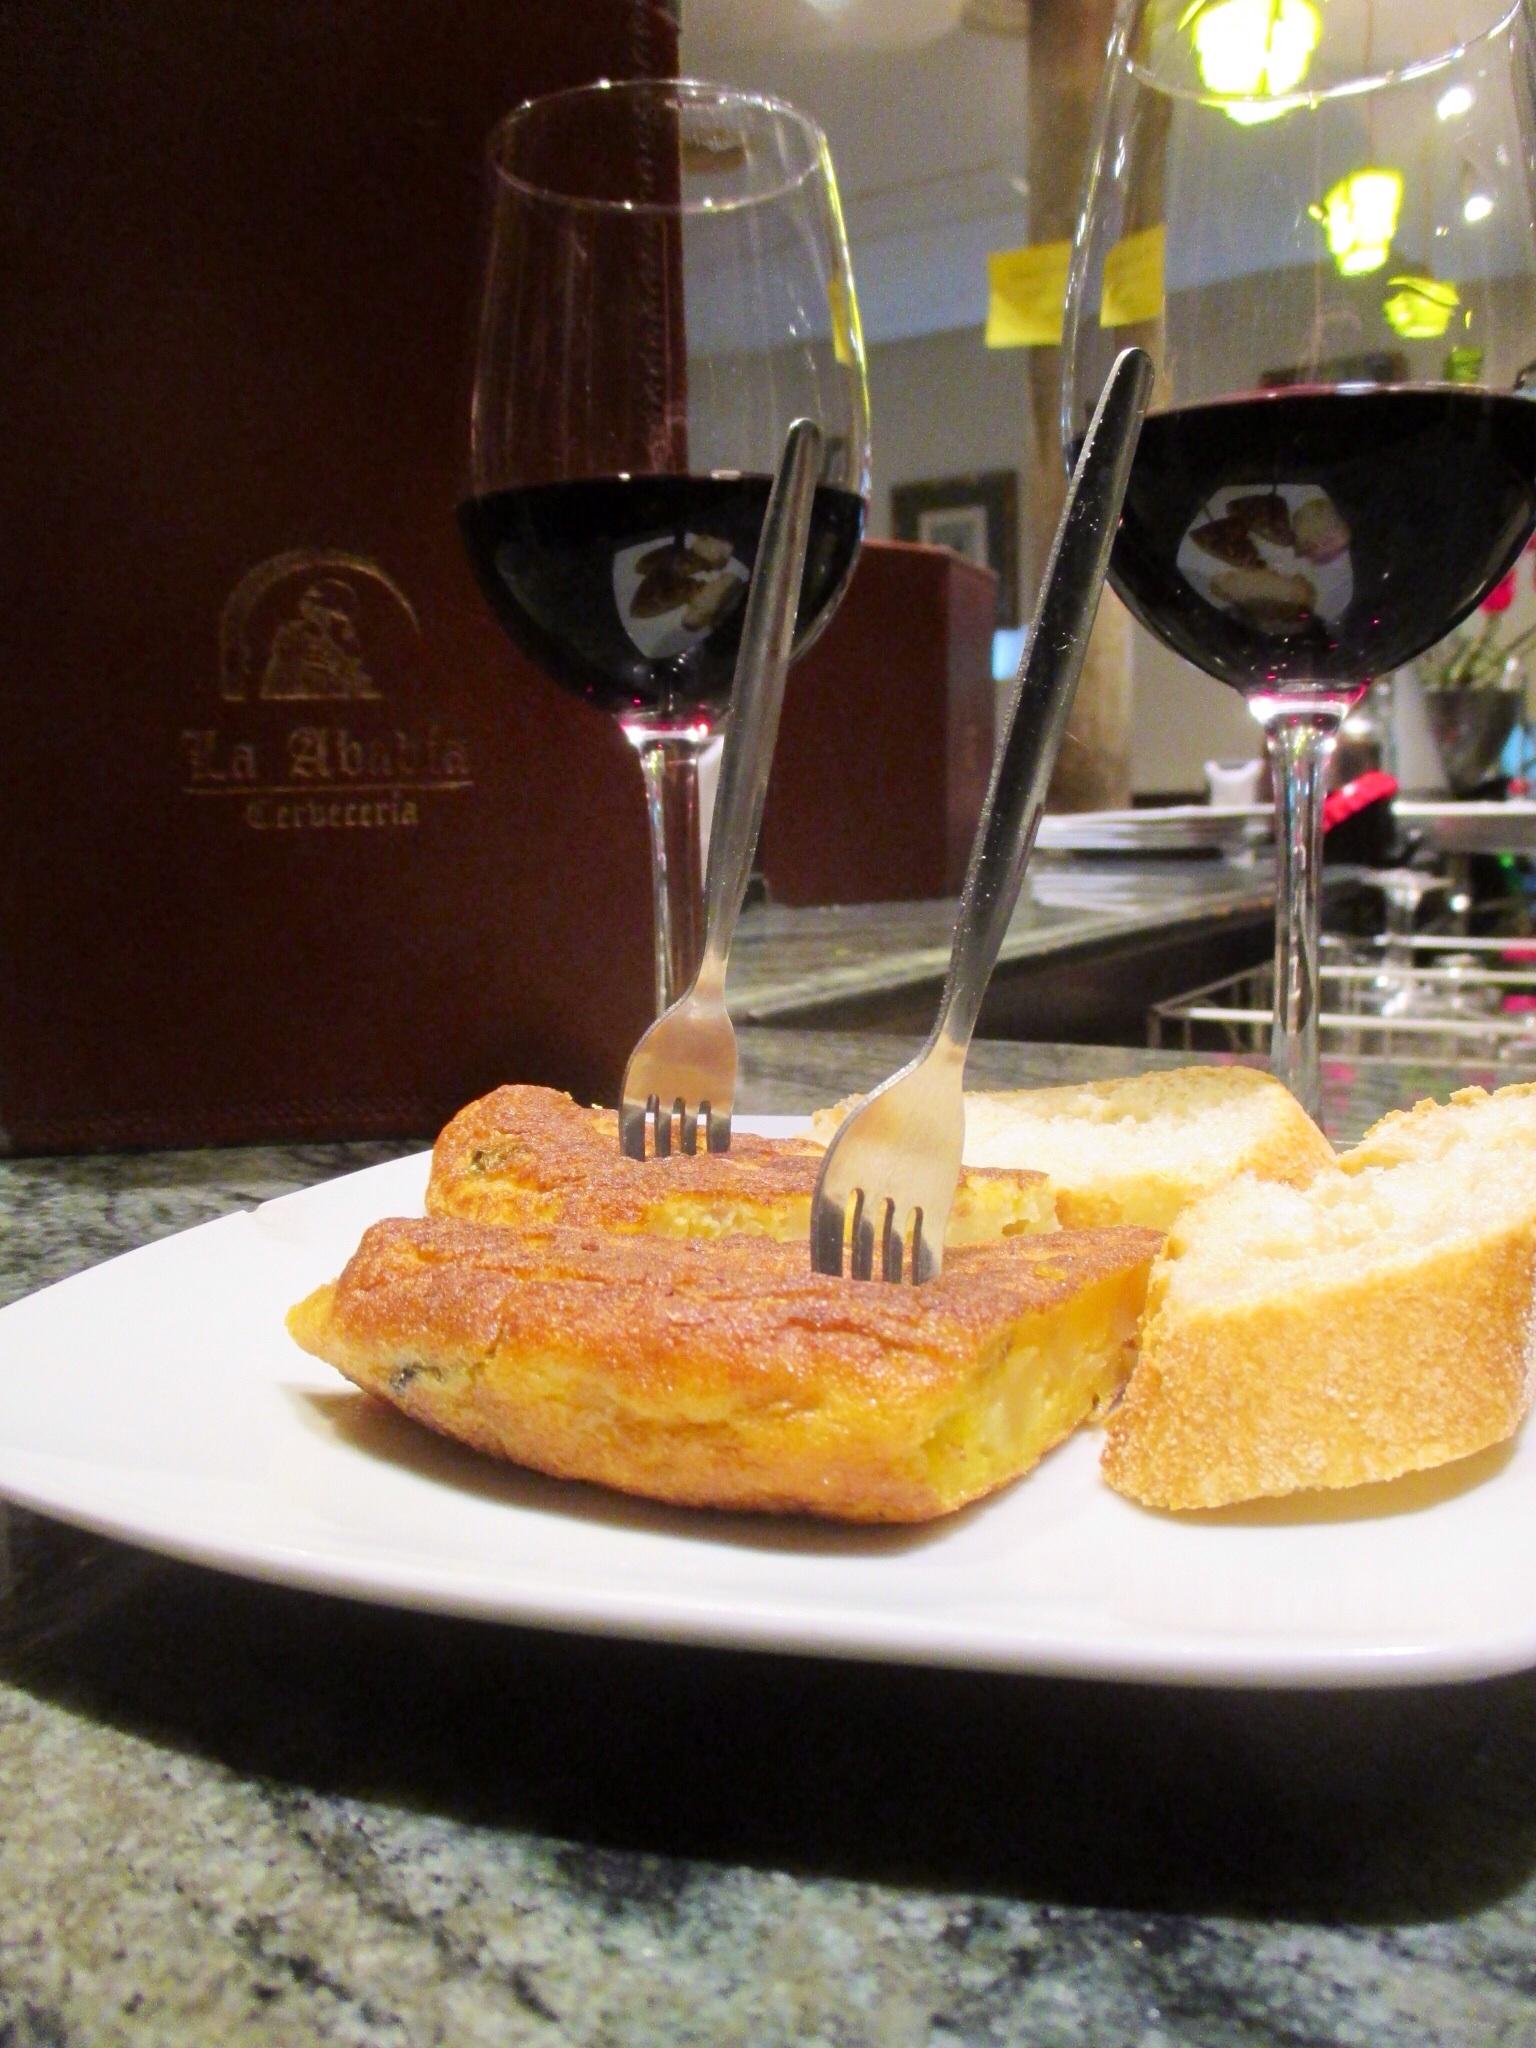 Our first free tapa in Granada - the signature Spanish-style tortilla de patatas at La Abadia